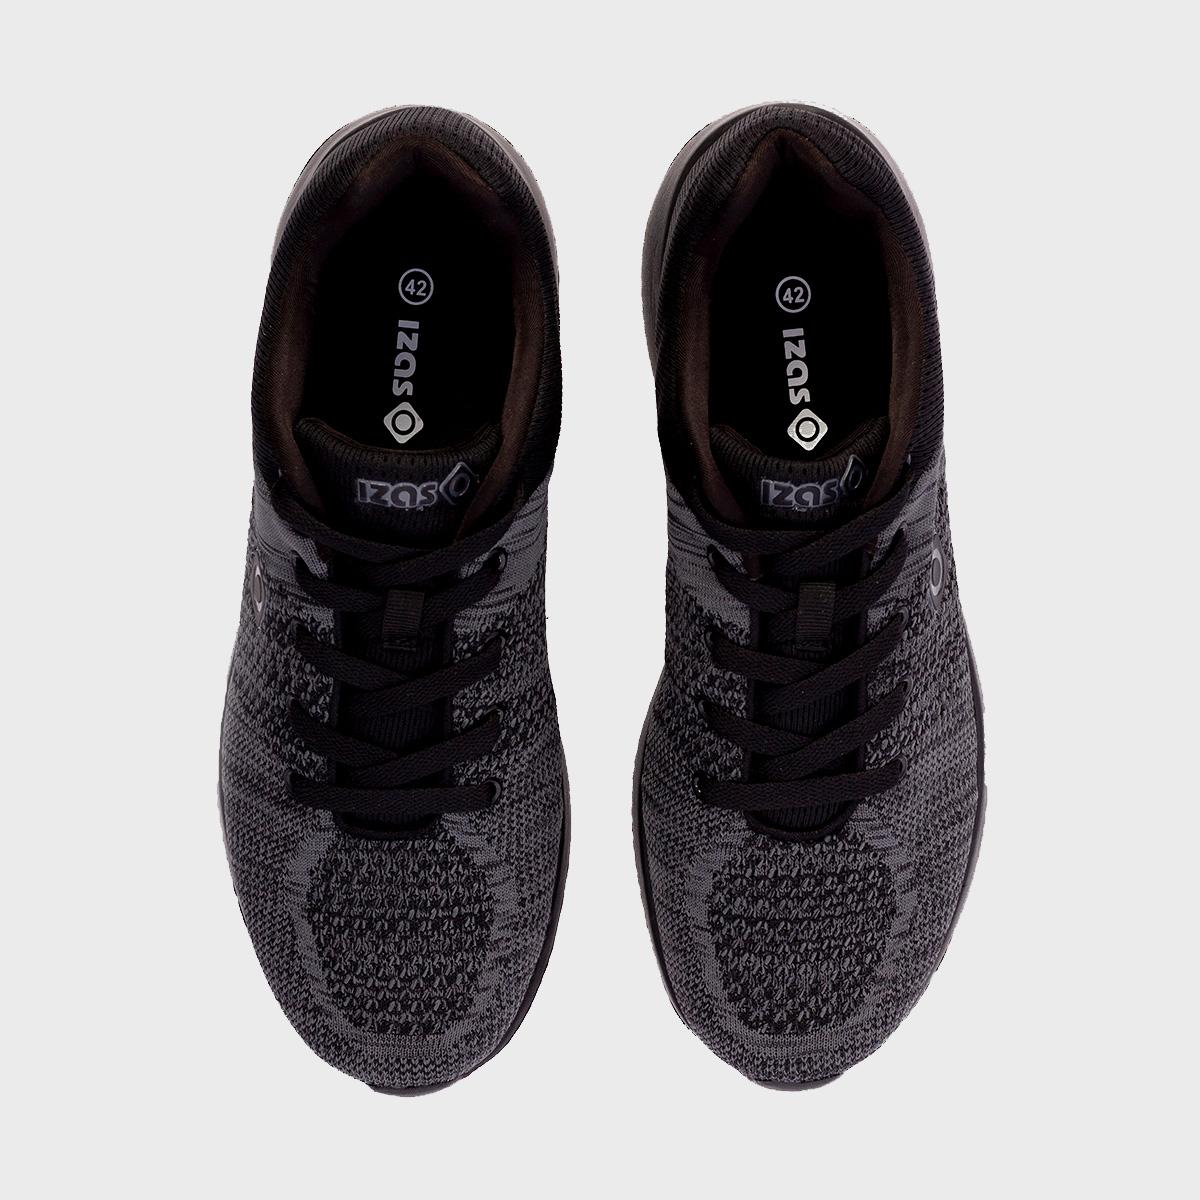 UNISEX'S LENCO SNEAKER BLACK